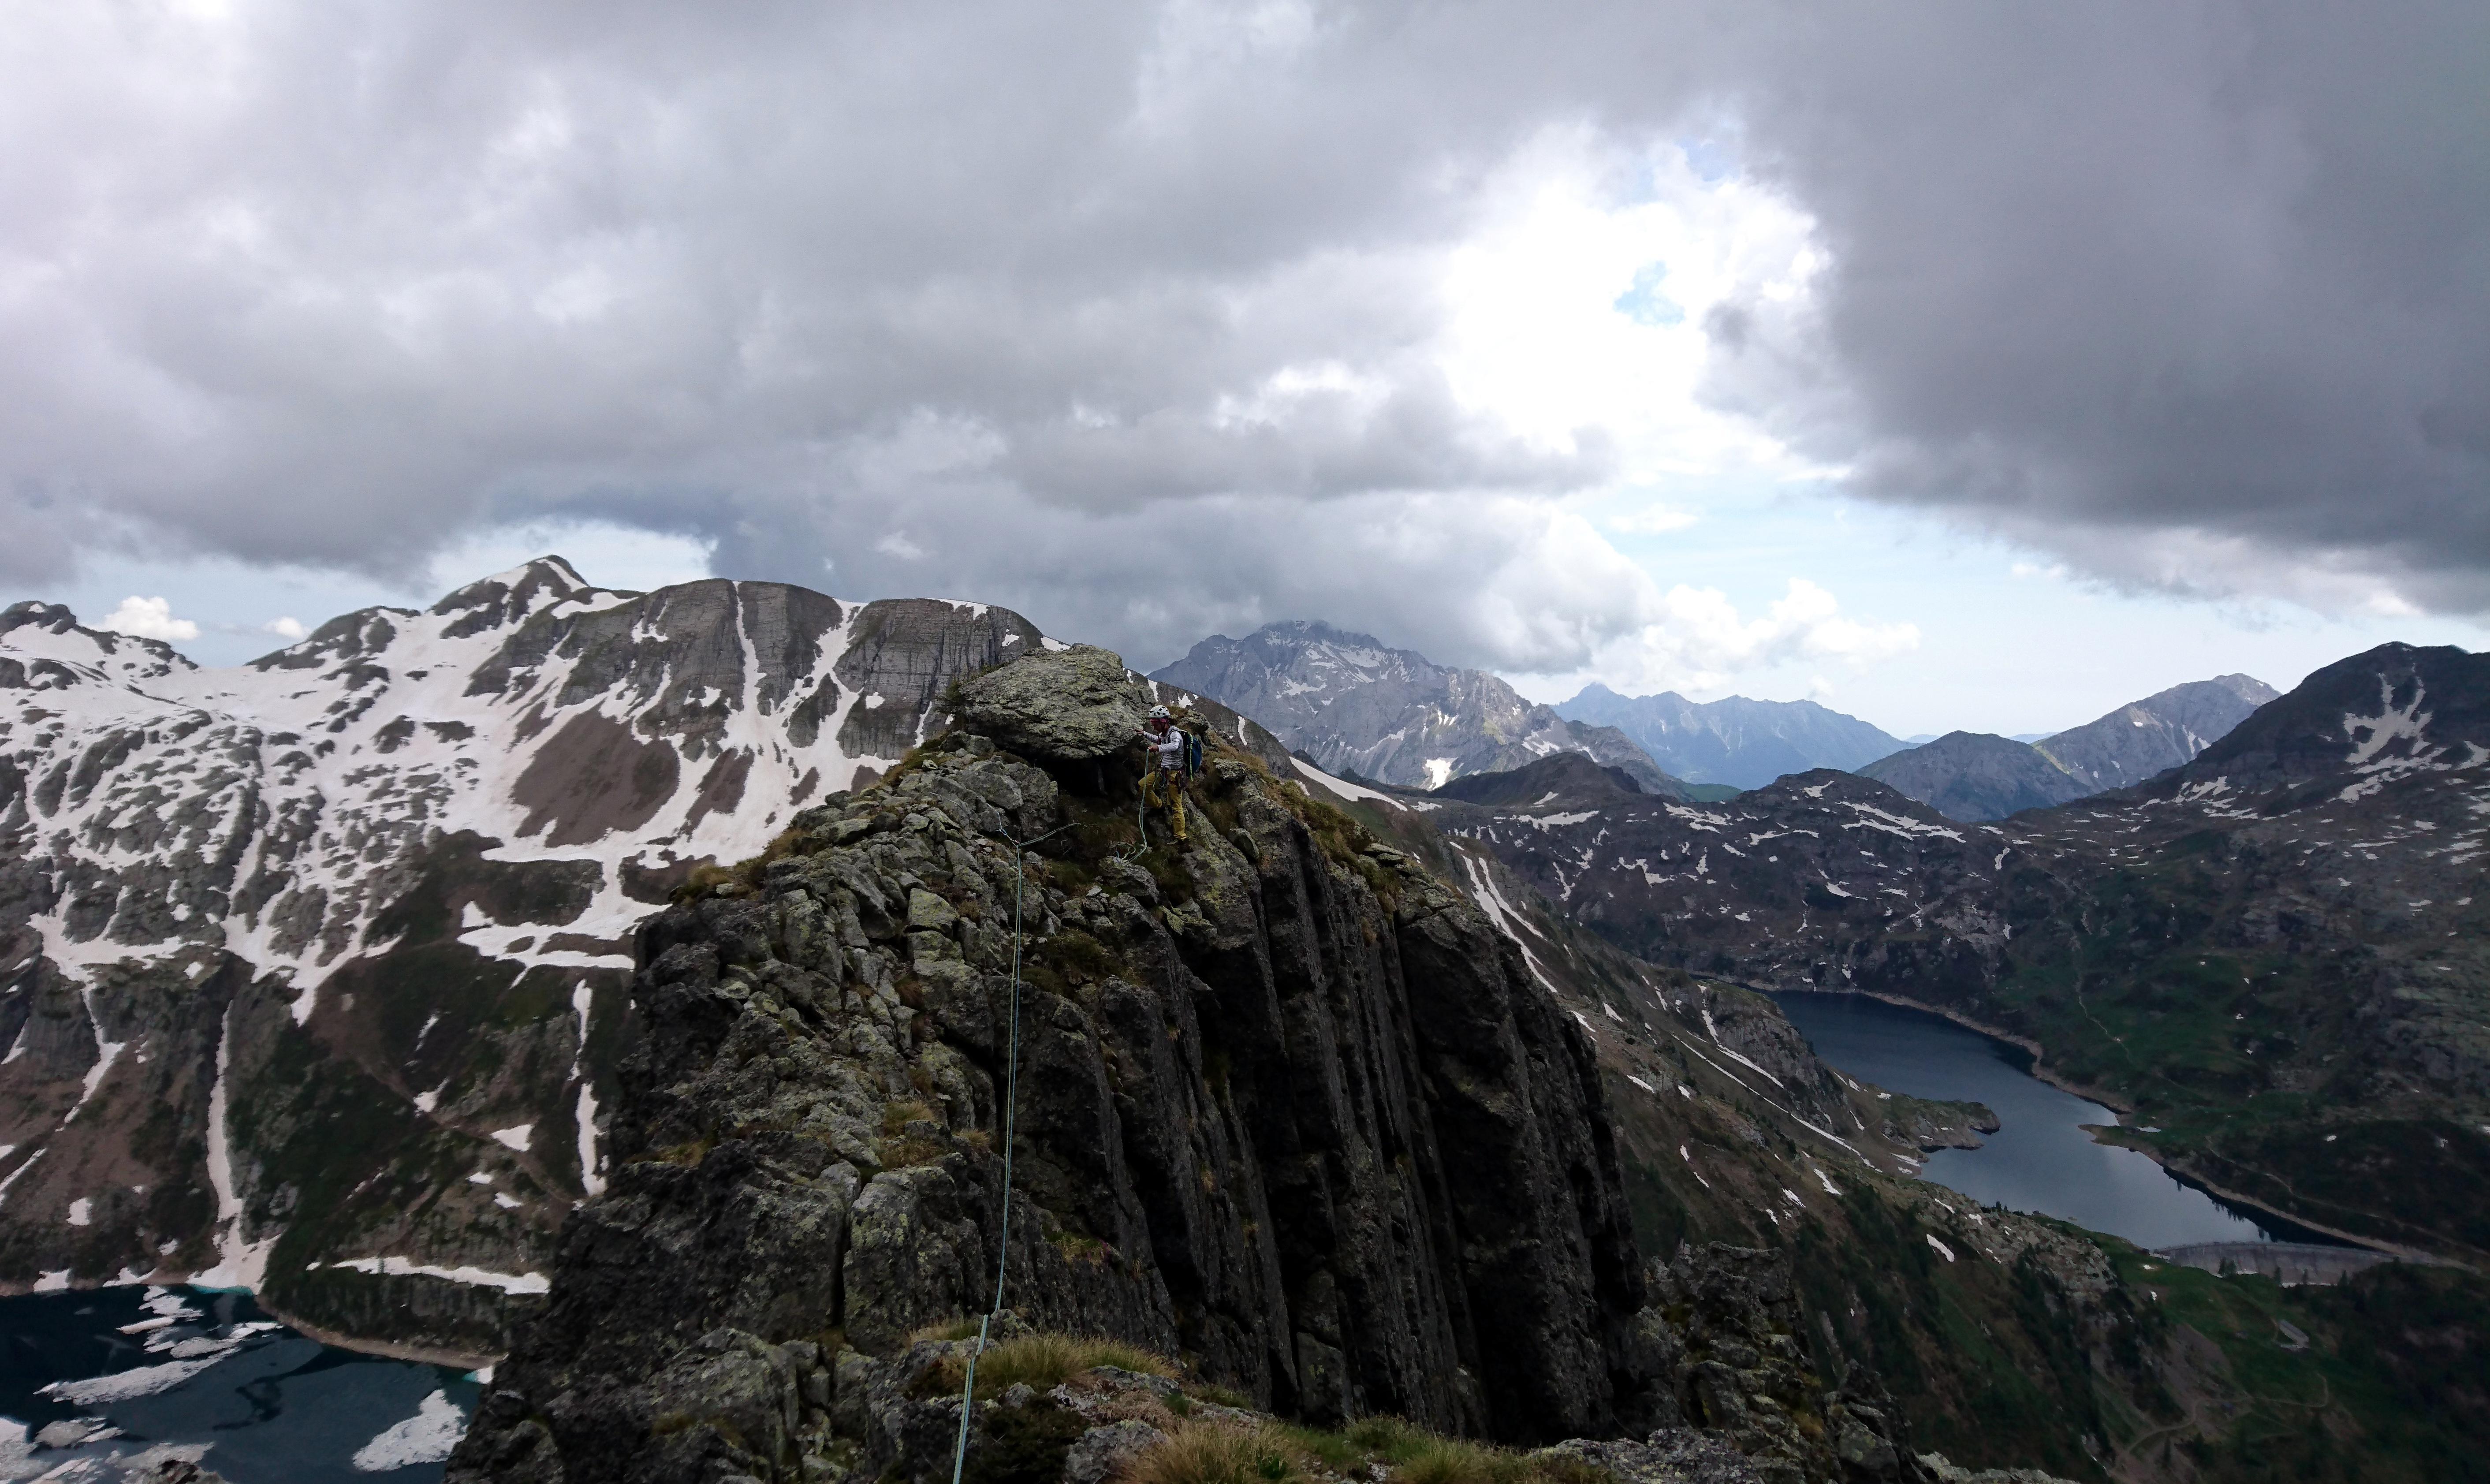 il pezzettino di facile cresta dell'ottavo tiro: i nuvoloni sullo sfondo non promettono bene ma noi ci crediamo (e infatti non pioverà!)